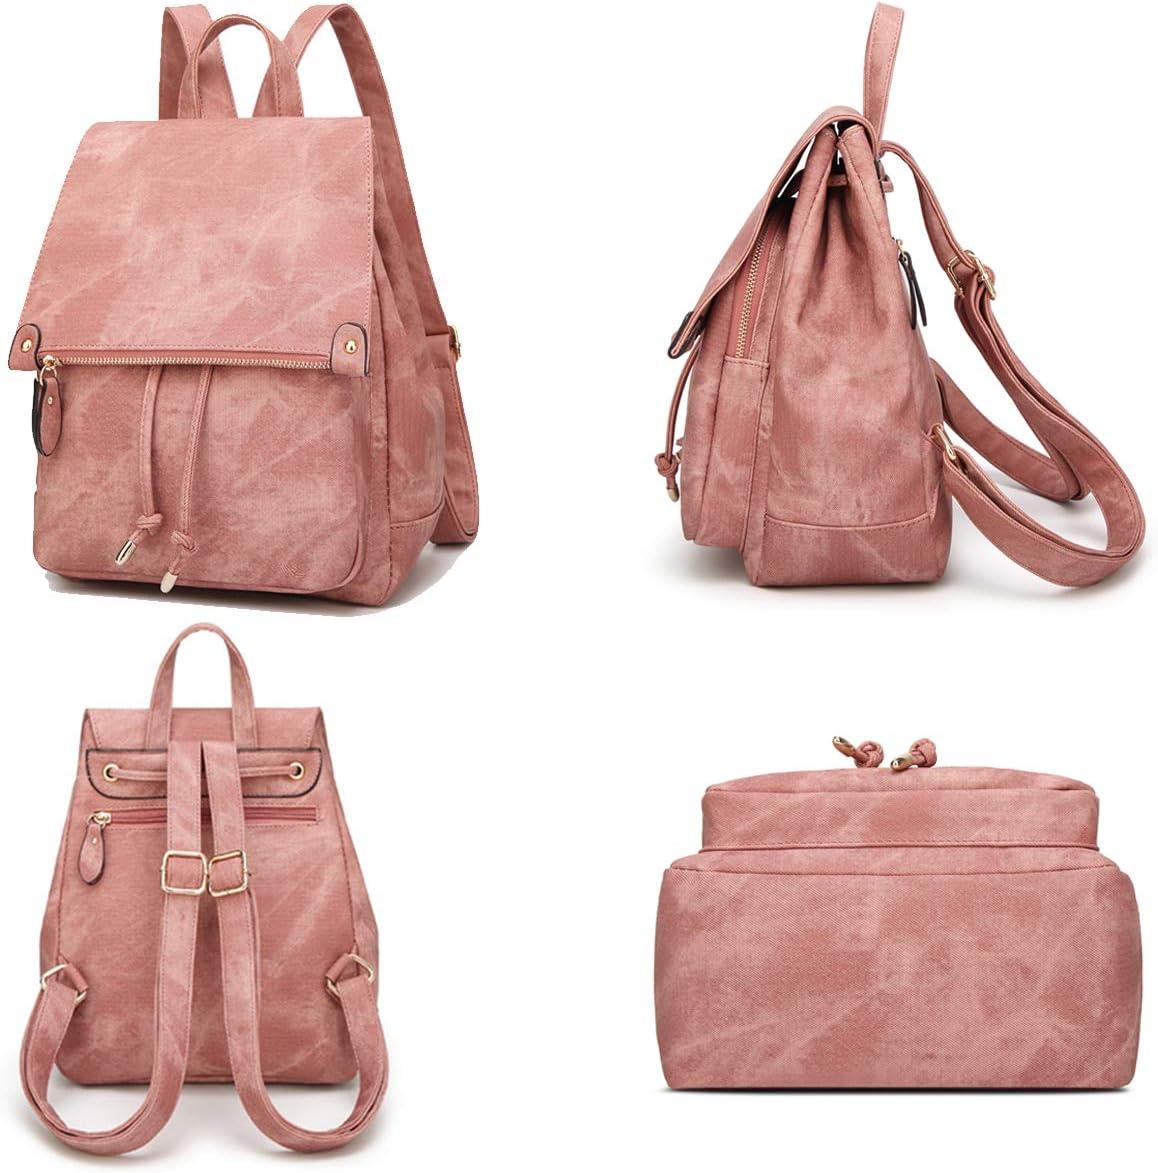 Sac /à Dos Tendance en Similicuir PU pour Femme /él/égant et d/écontract/é Rose Ladies Fashion Backpack for Pink Taille Unique